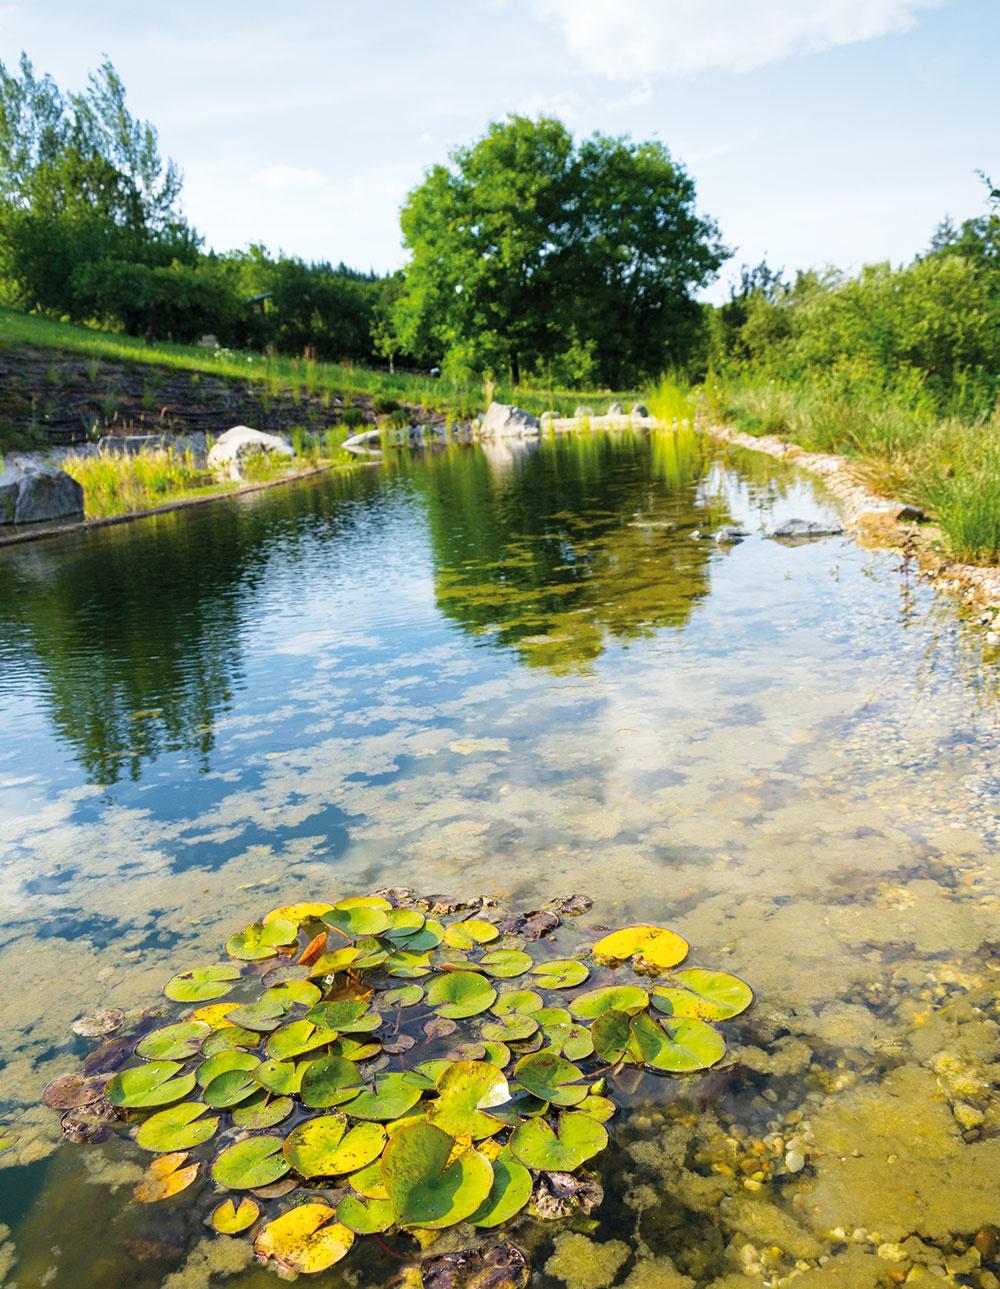 Lekná sú ozdobou prírodných jazierok. Ich listy obmedzujú rast rias vjazierku. Tienením na hladine zabraňujú prehrievaniu vody atiež poskytujú úkryt pre ryby.